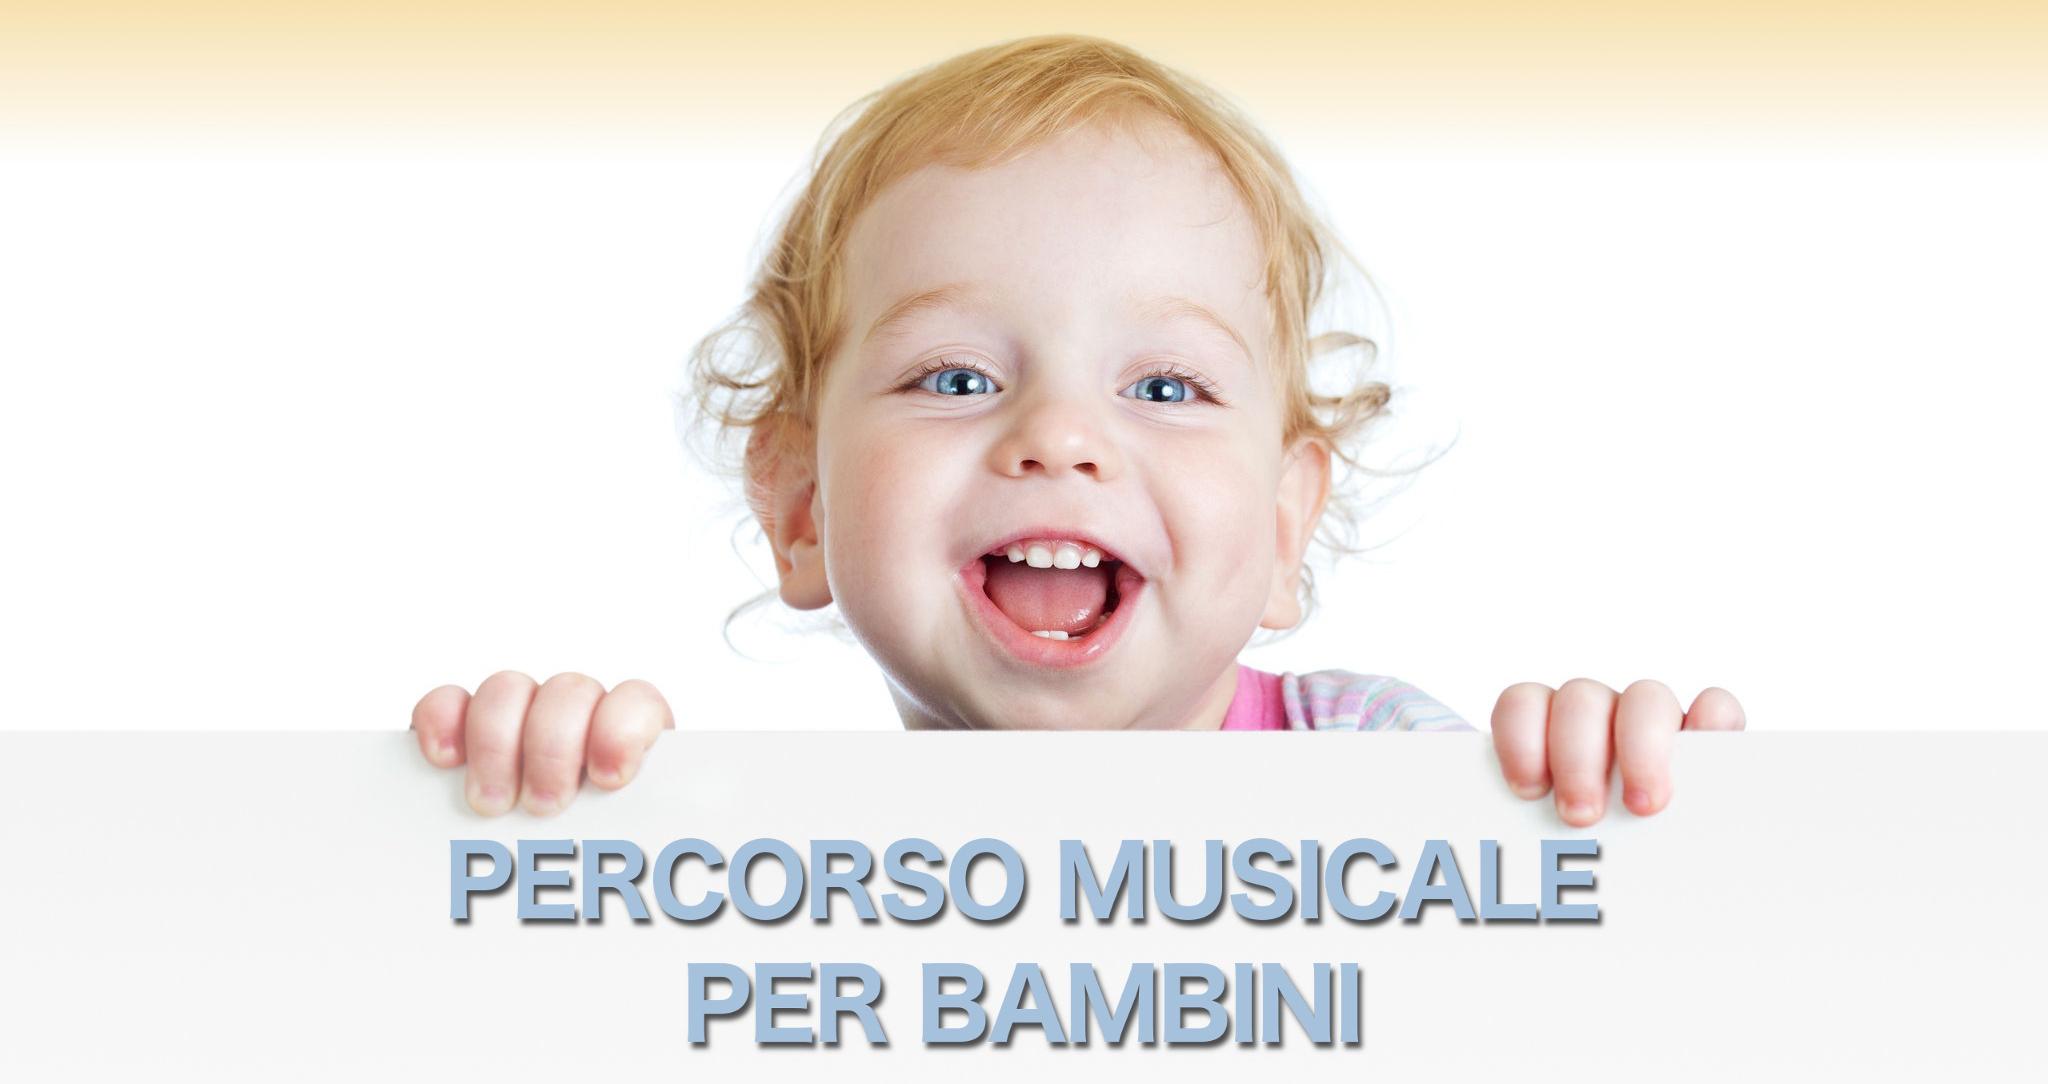 PERCORSO MUSICALE: SI INIZIA!